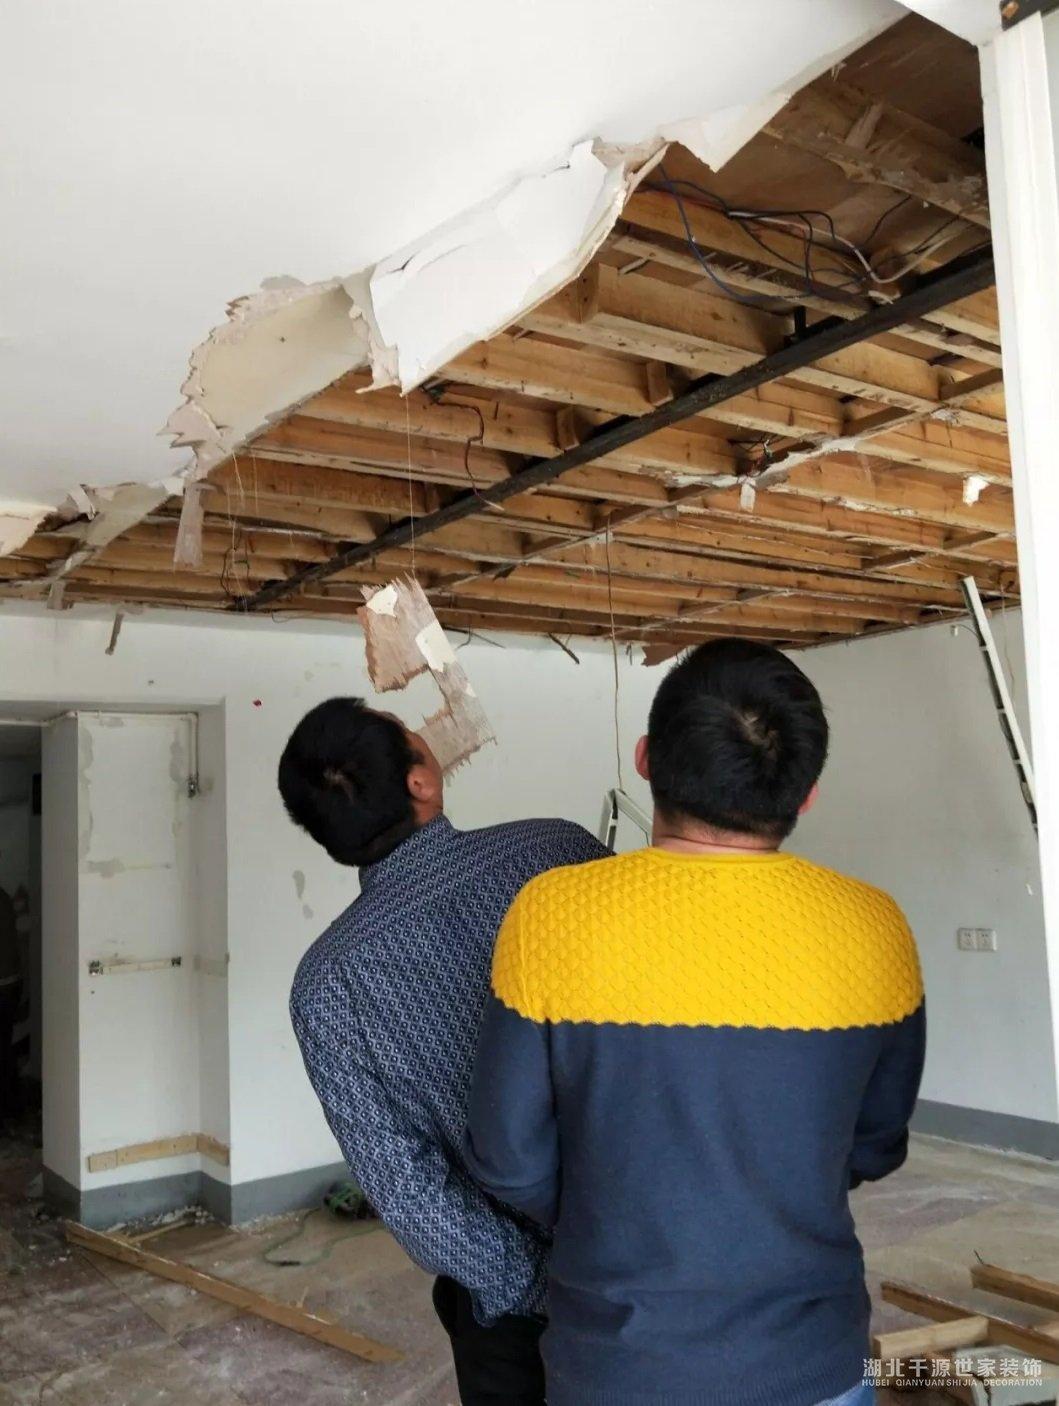 【宜昌装修】老房子重装修需需要注意的3个地方